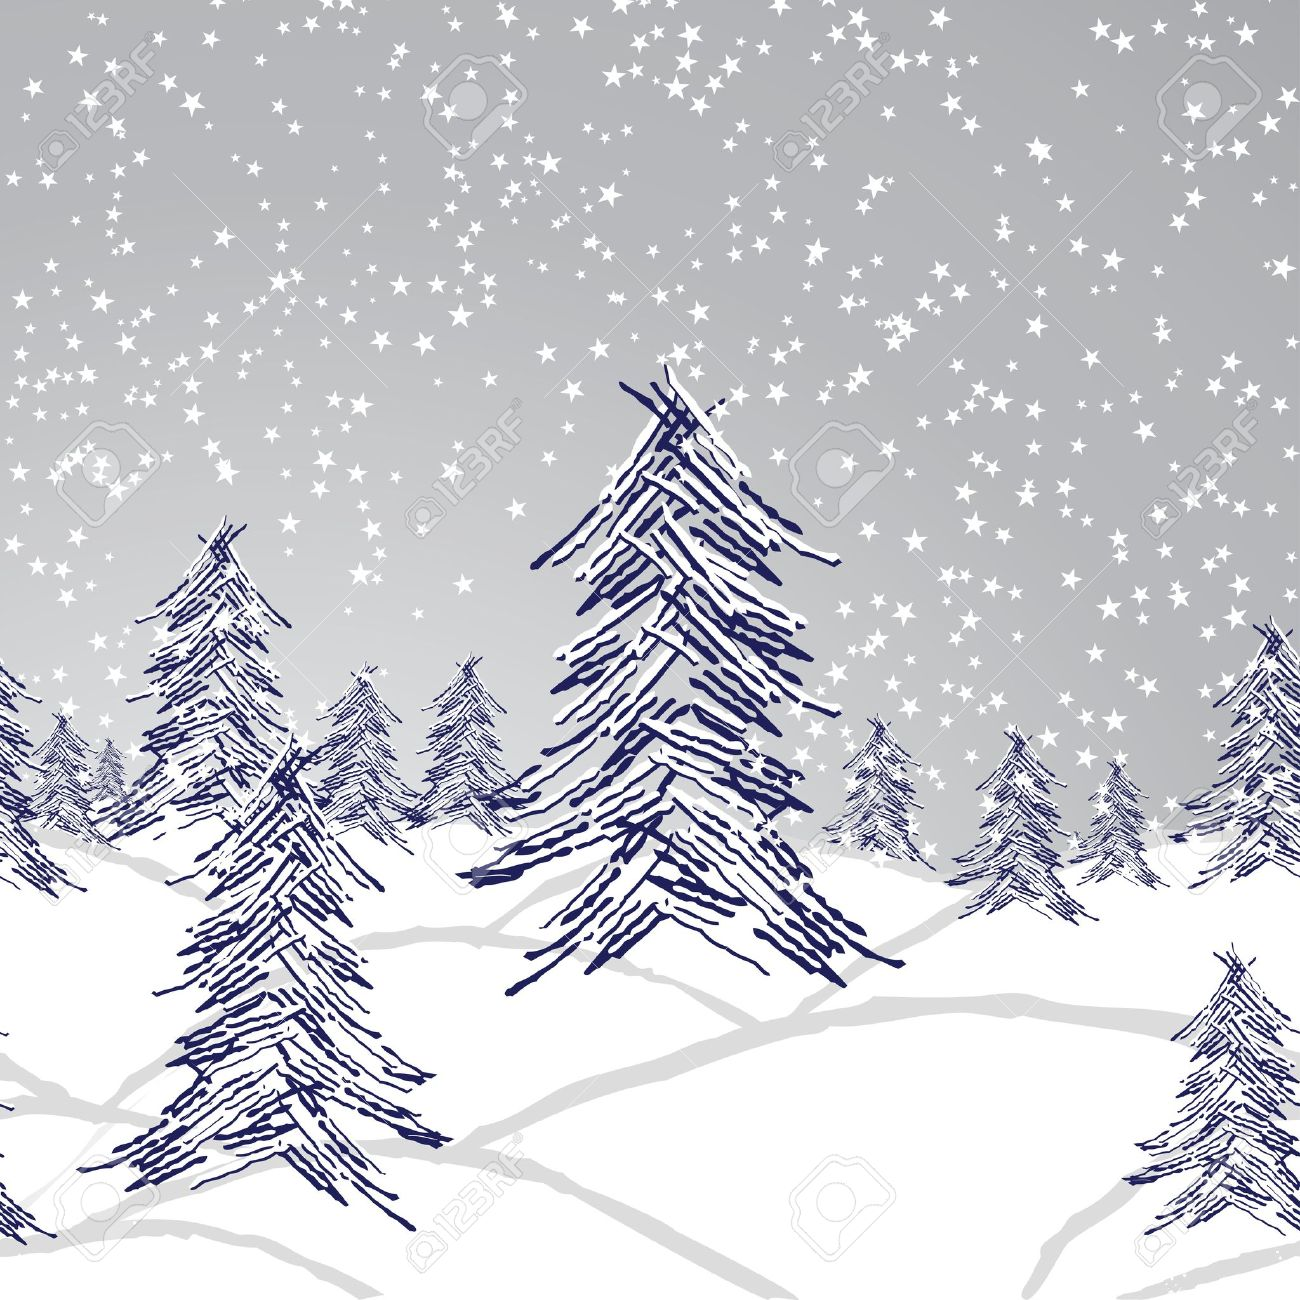 Wohnzimmerz: Tapete Wald With FOTOTAPETE Komar Digitaldruk Bild ...